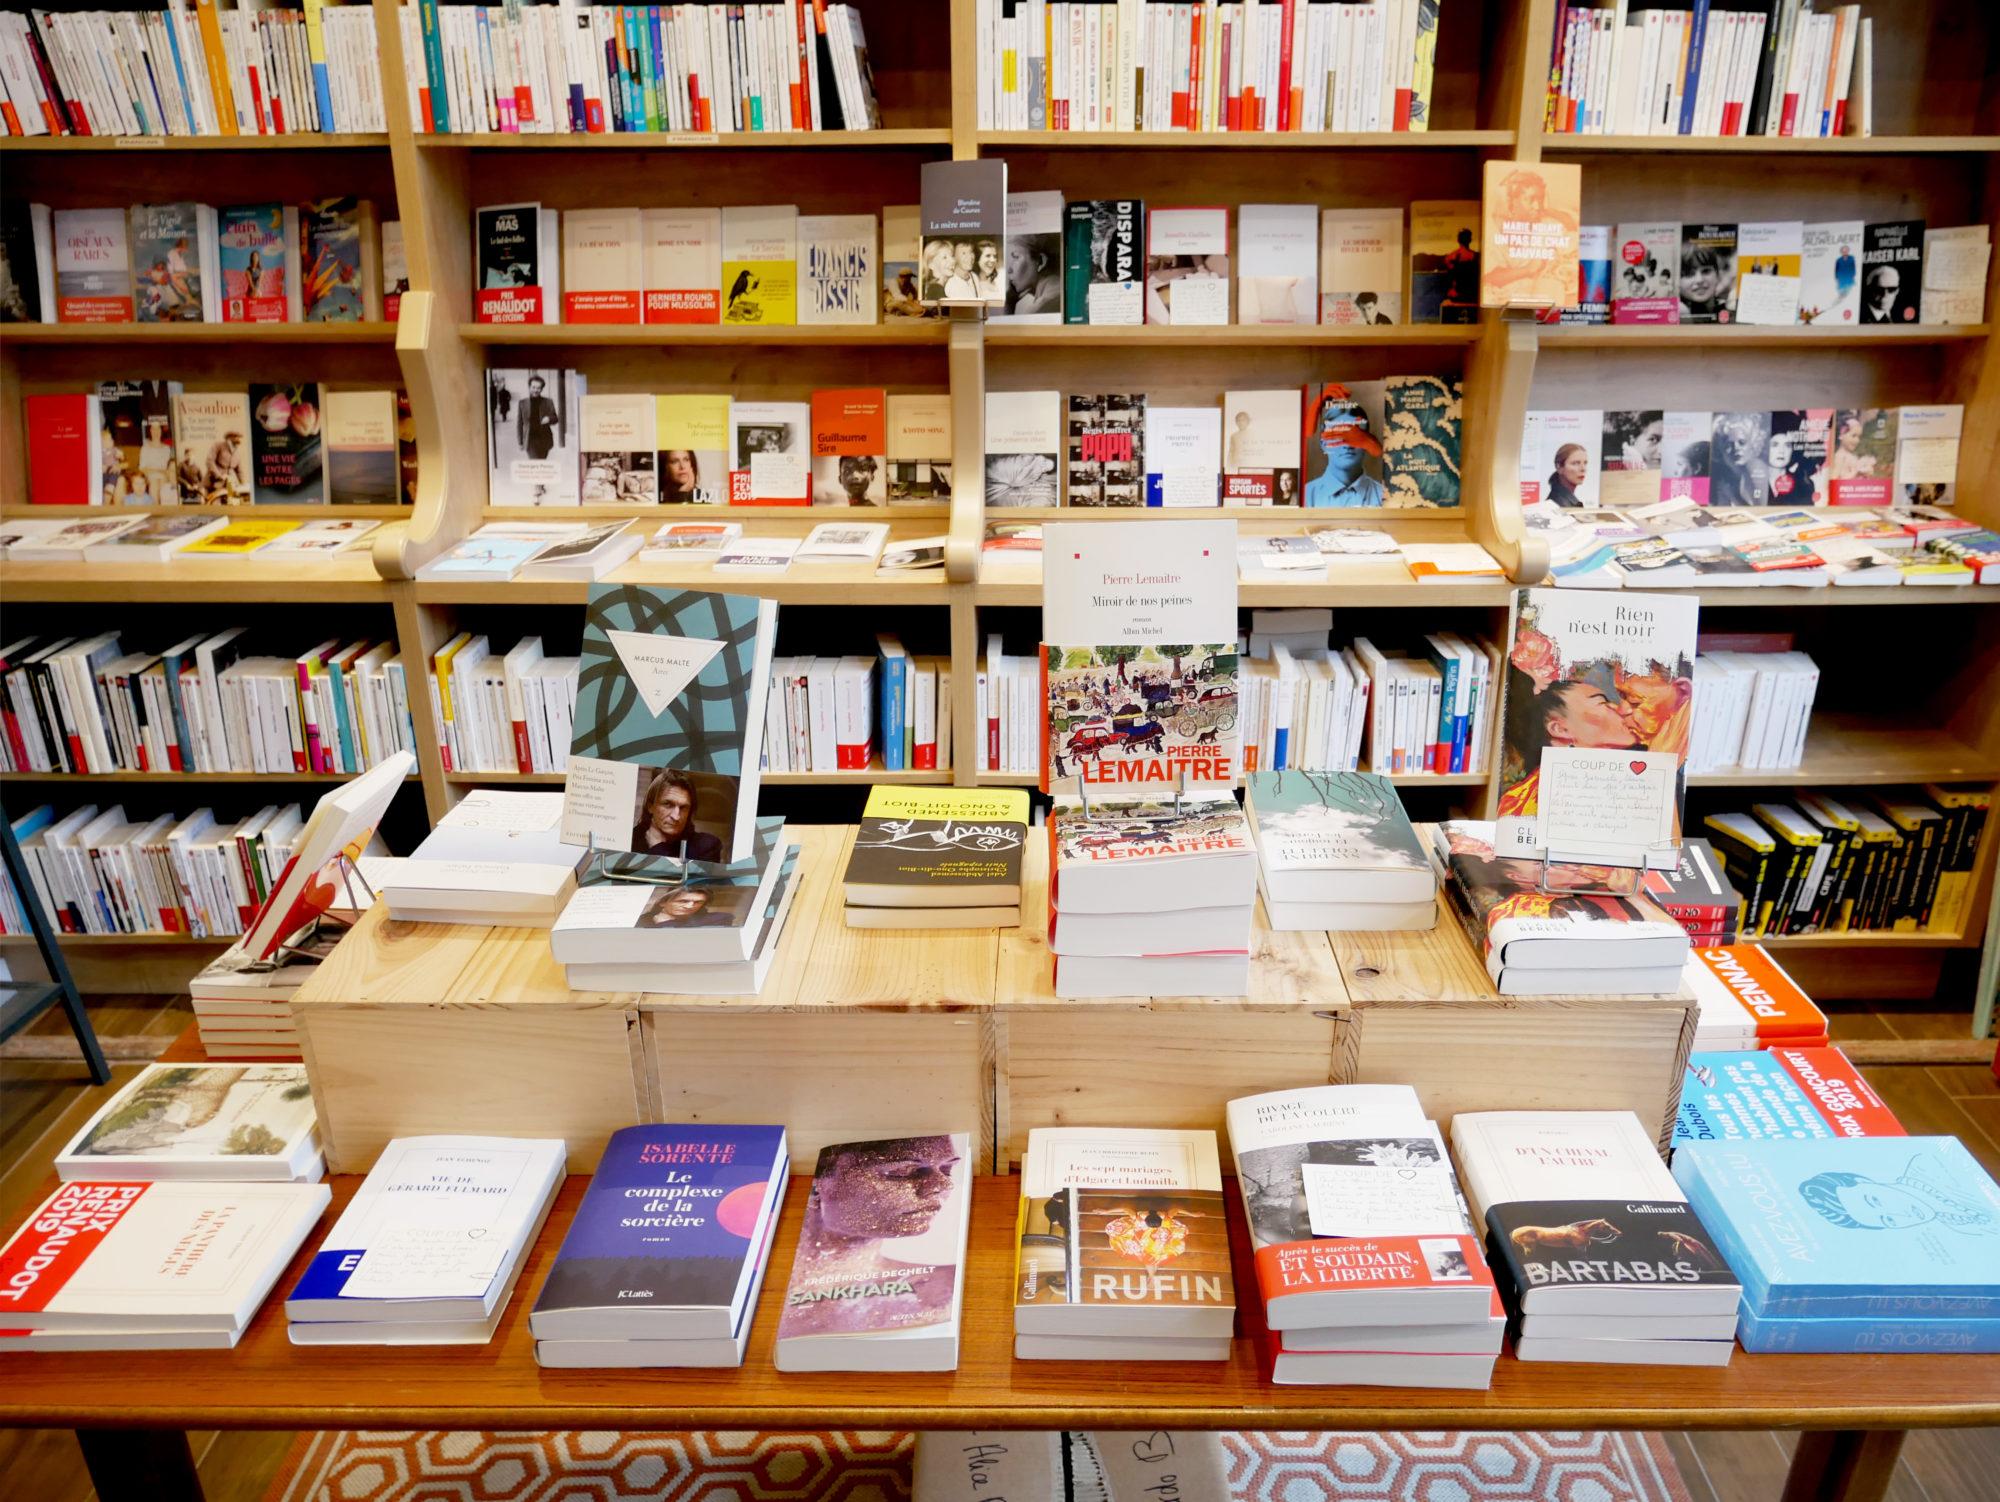 librairie du contretemps 09